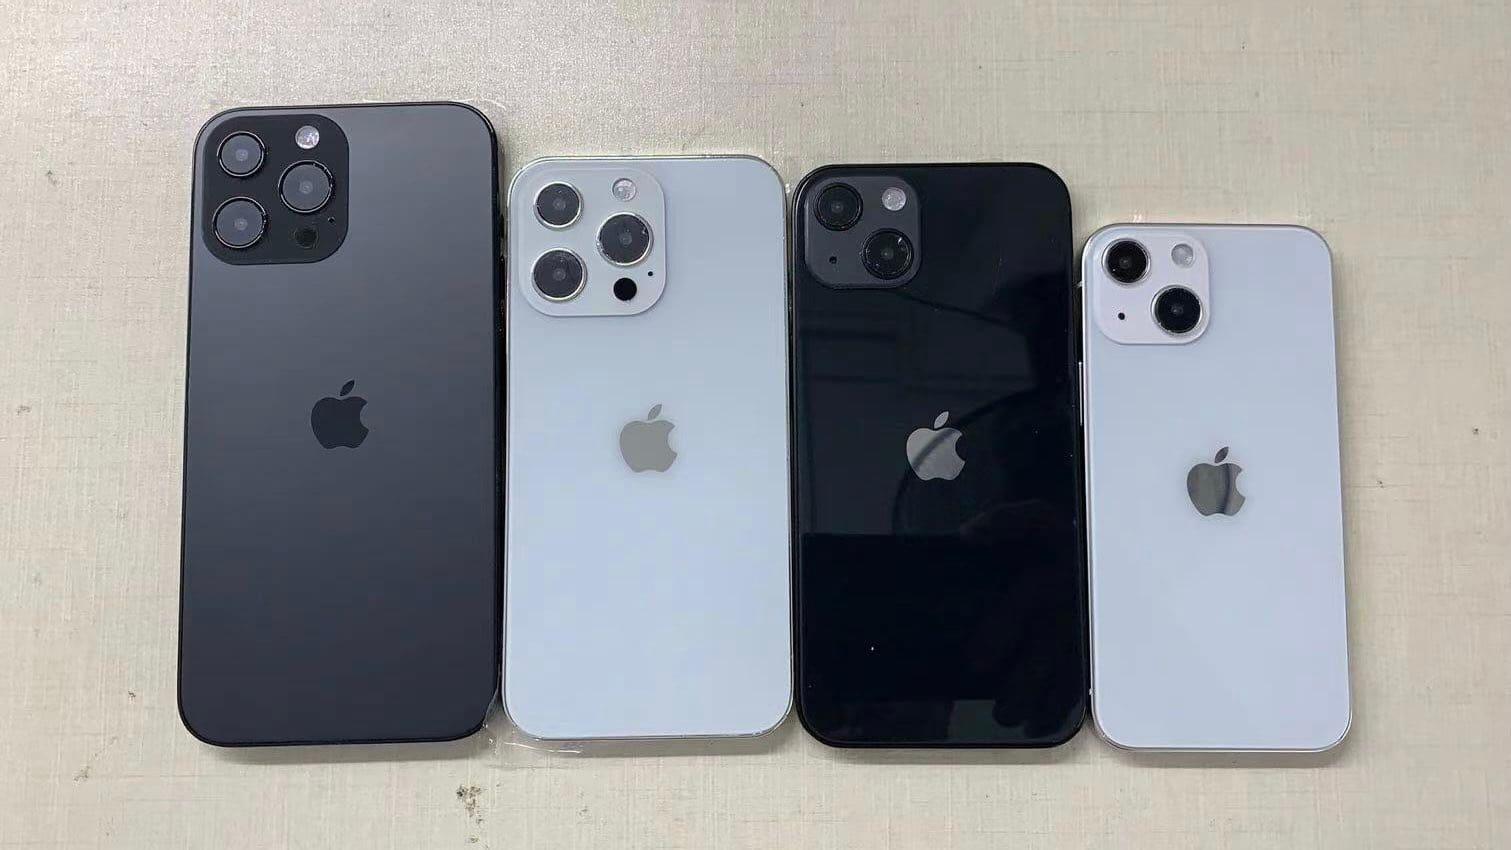 iPhone 13 formaat van groot naar klein